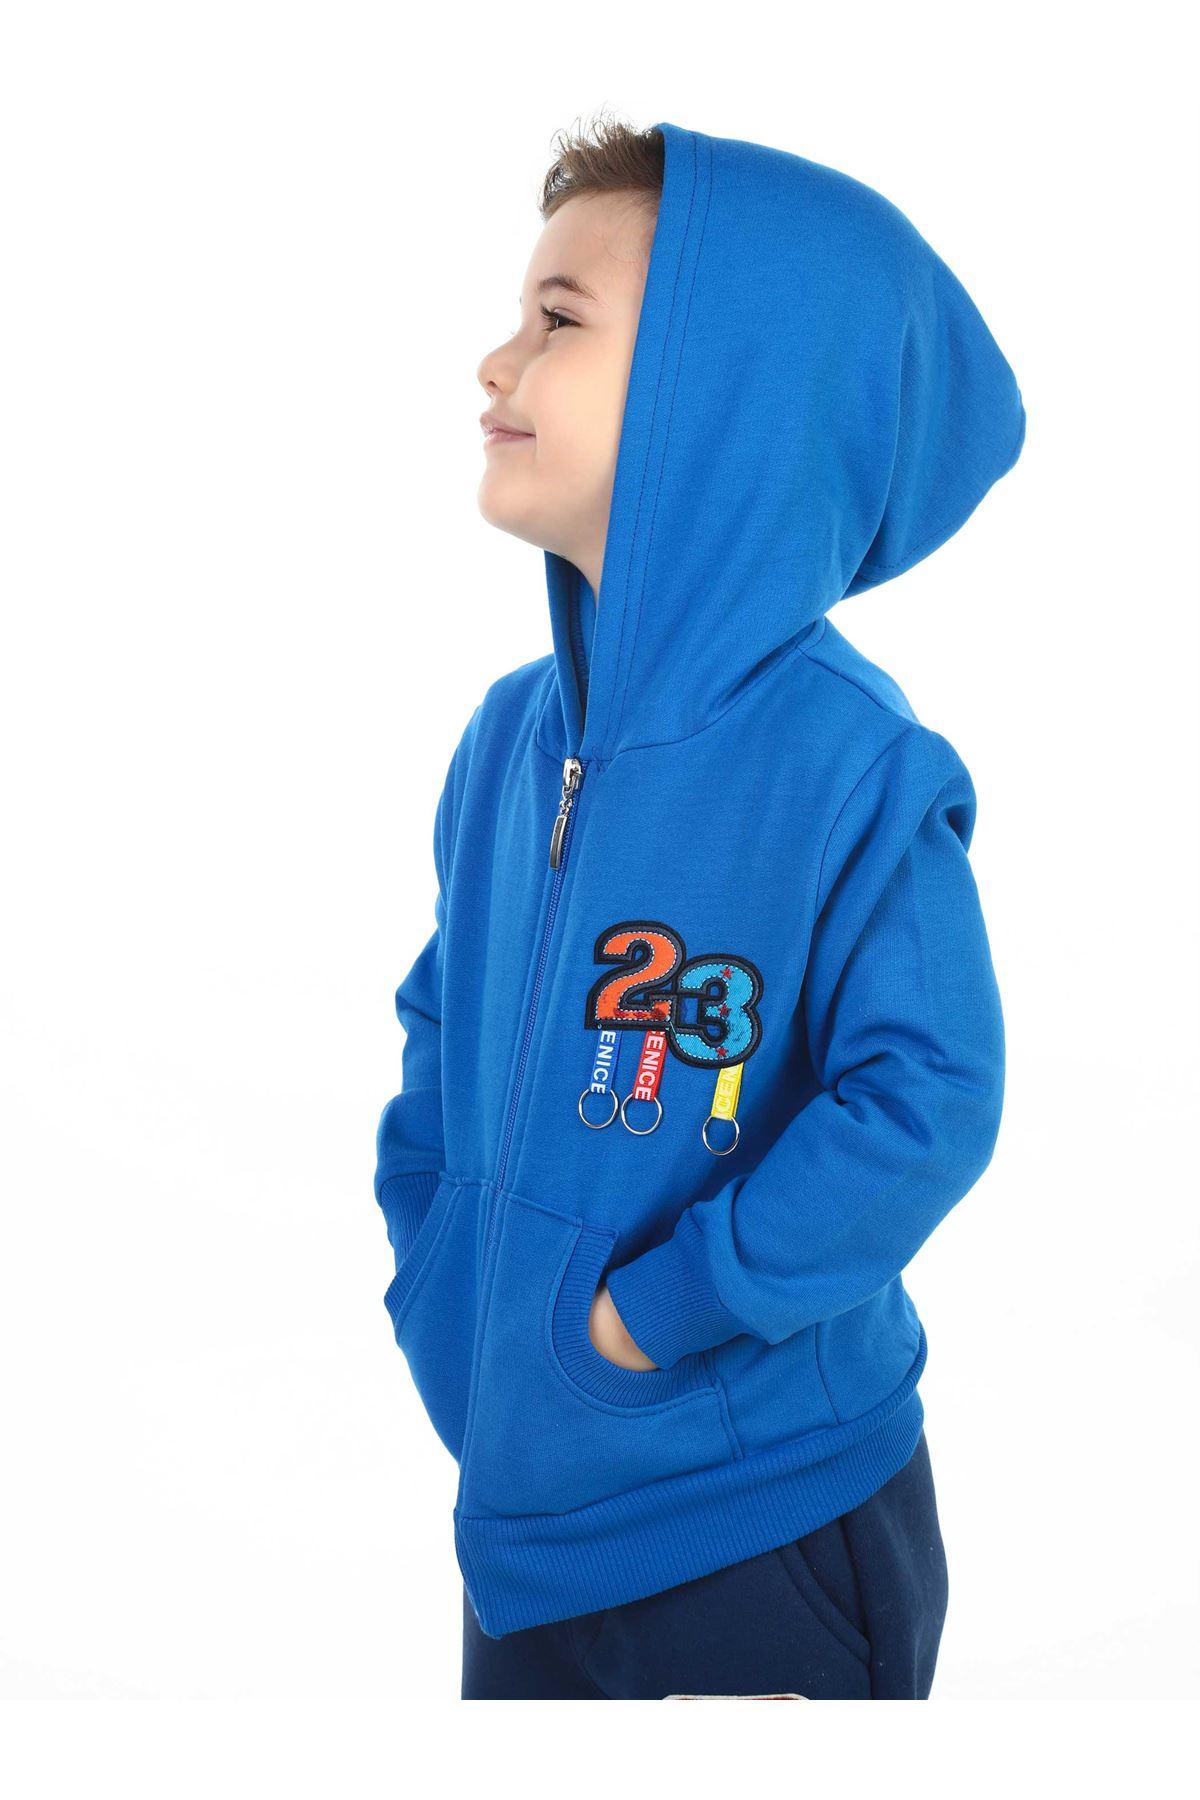 Sax Seasonal Male Child Jacket